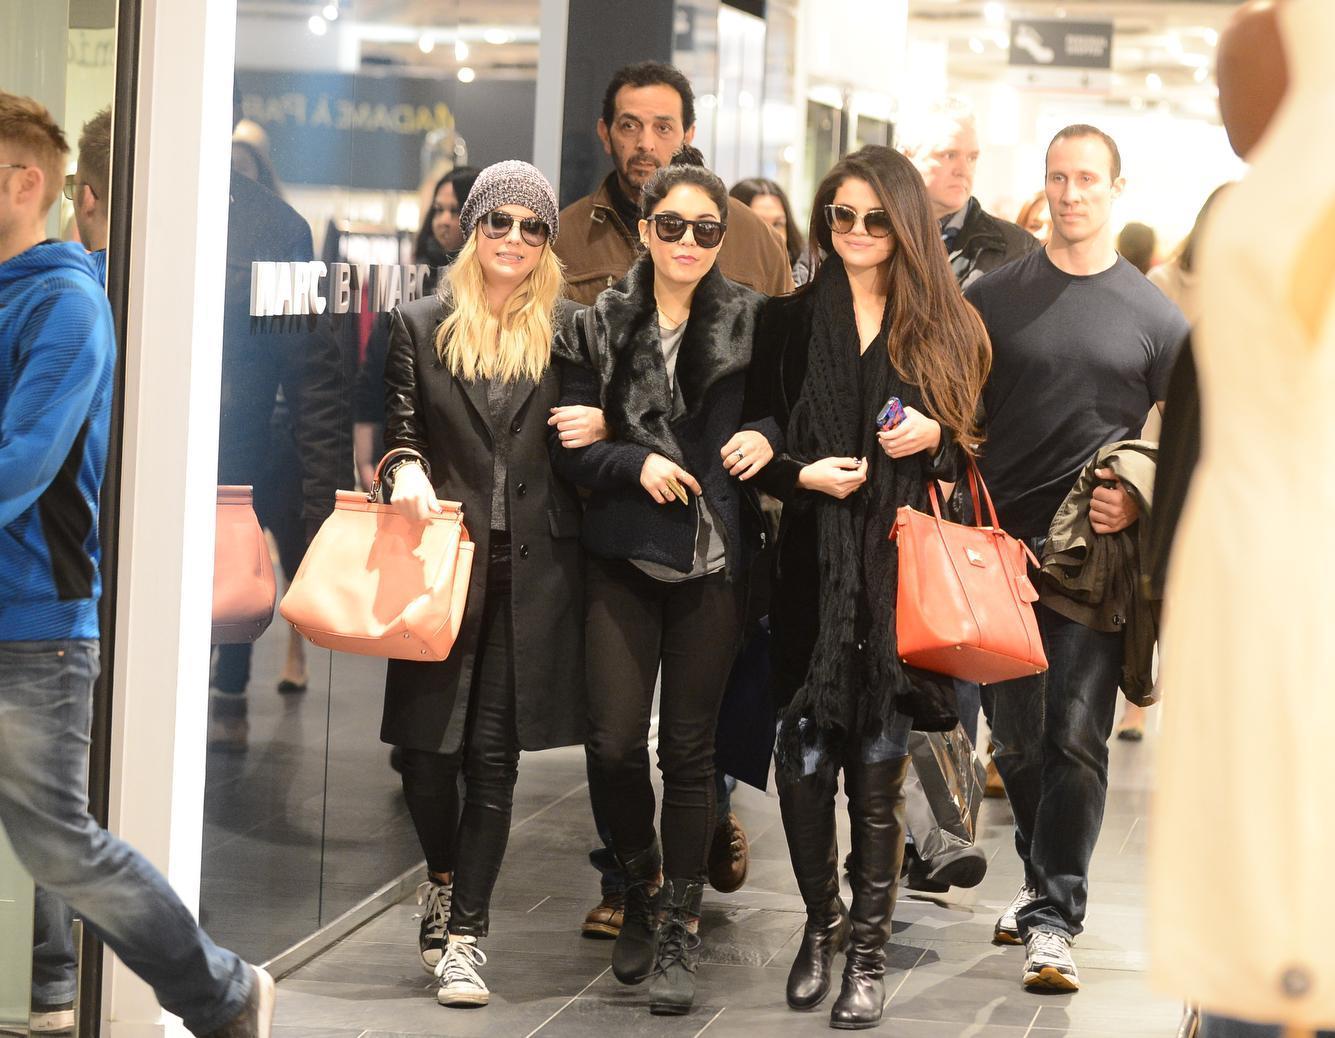 Il cast femminile di 'Spring Breakers' per shopping a Parigi05